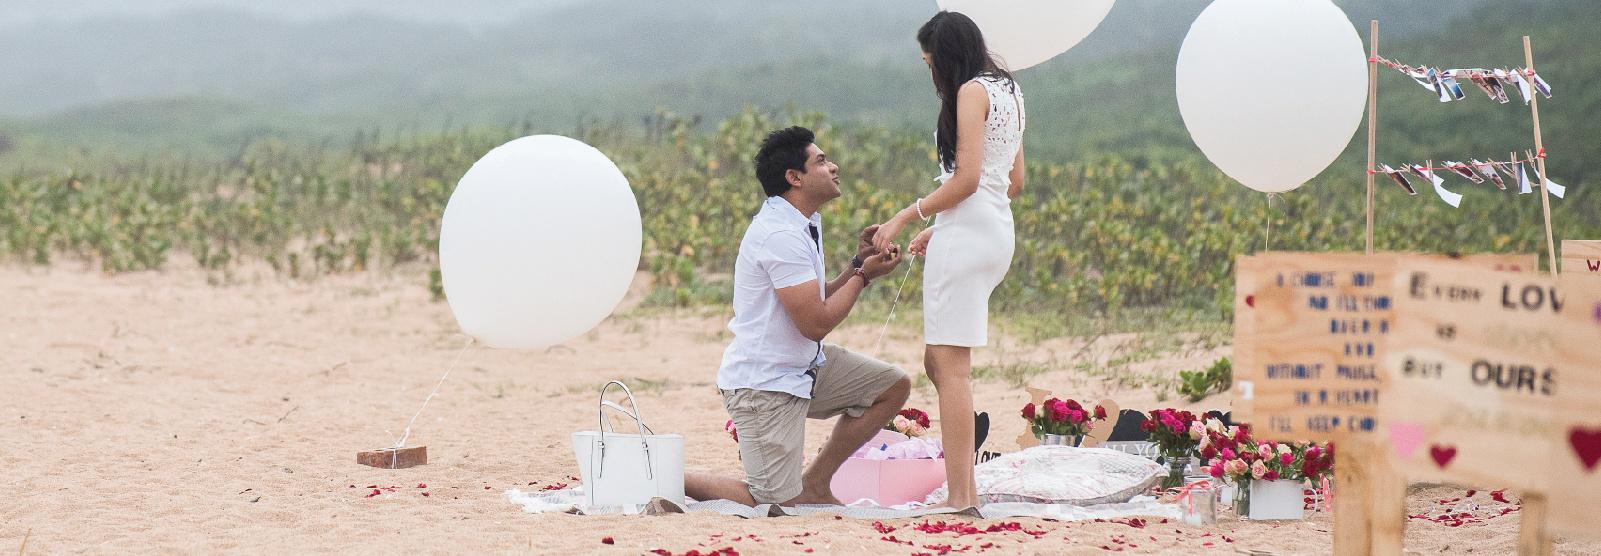 SR Suprise Proposal B